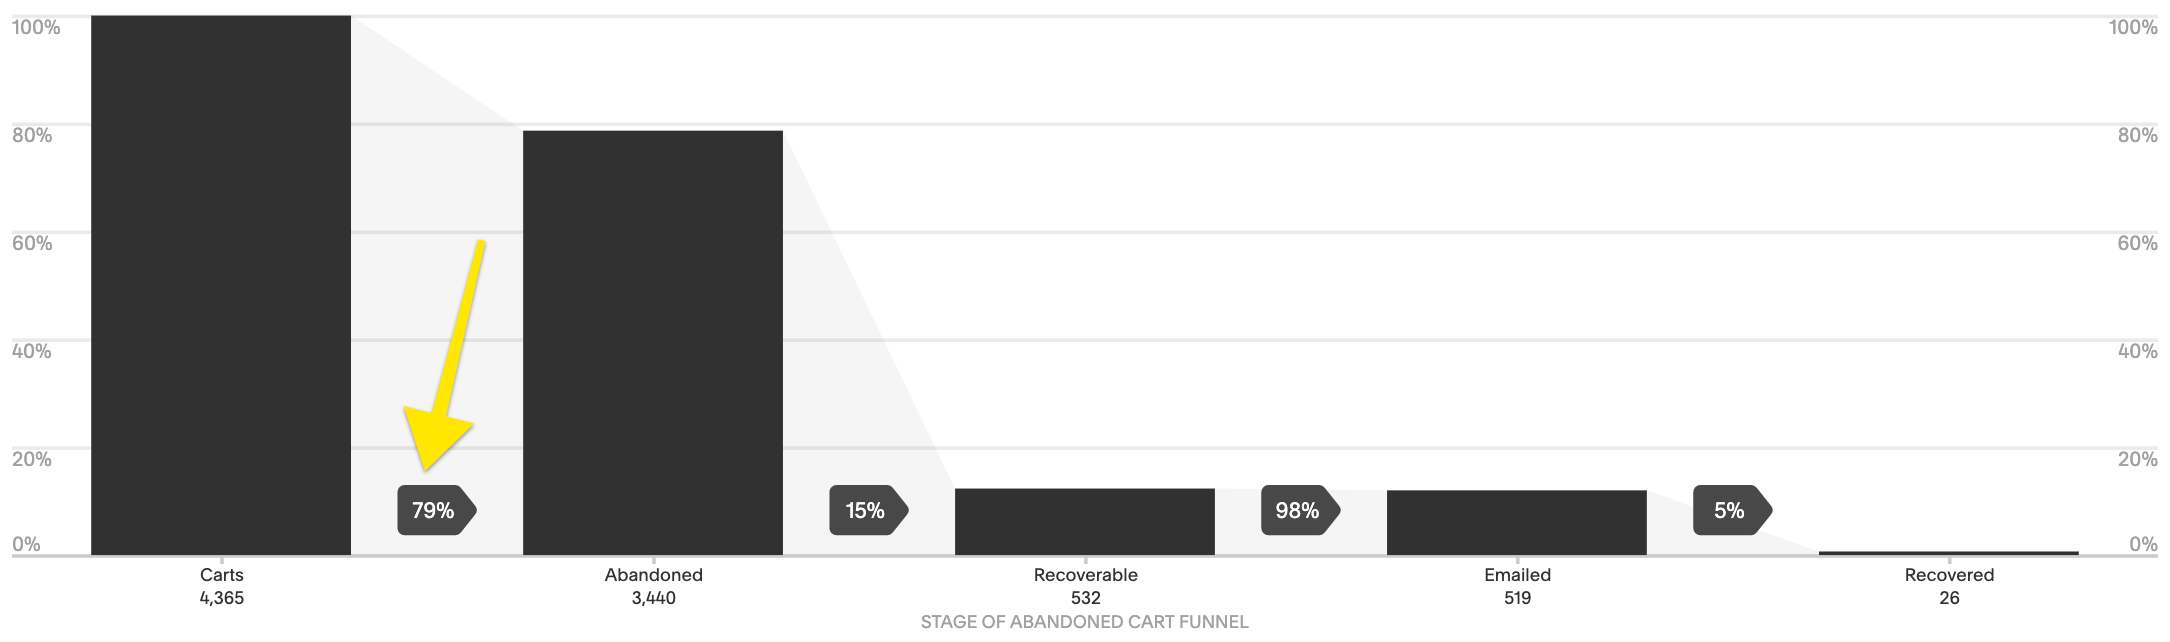 PercentagesColumns10_20.png